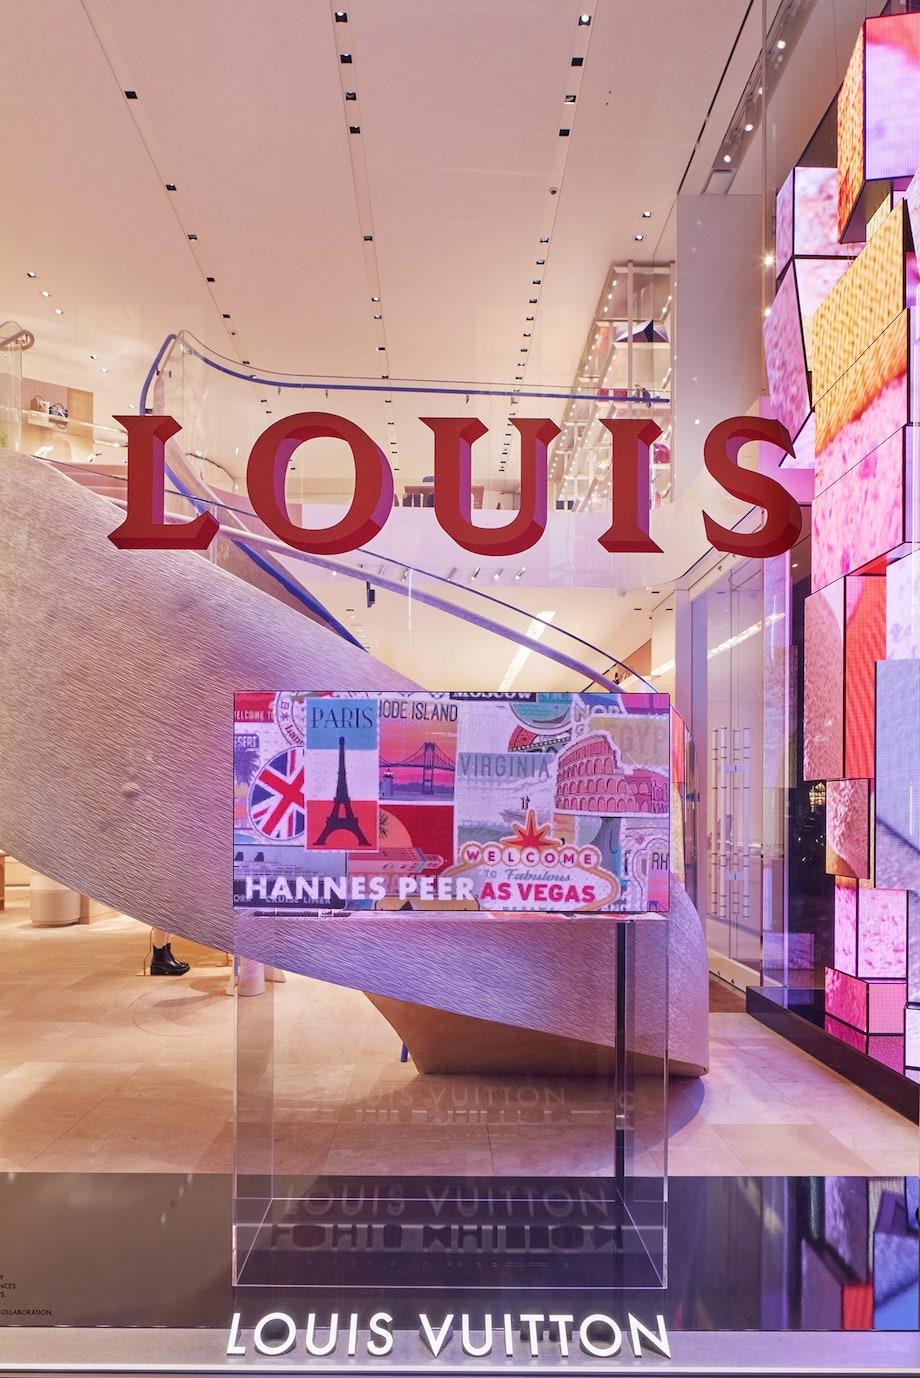 ルイ・ヴィトン創業者生誕200周年記念イベント「200 LOUIS」